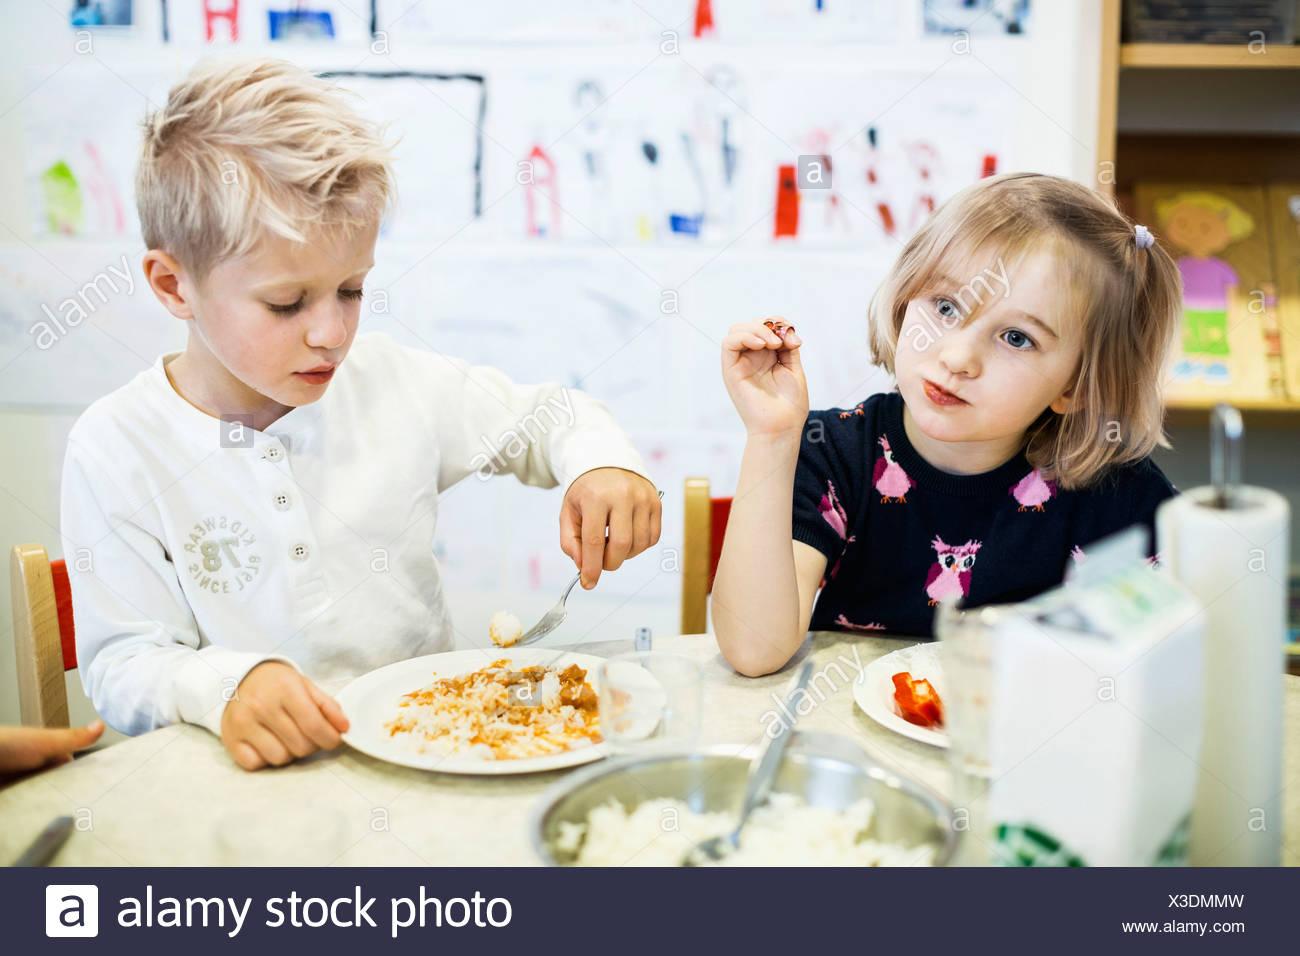 Elementary students having food in kindergarten - Stock Image